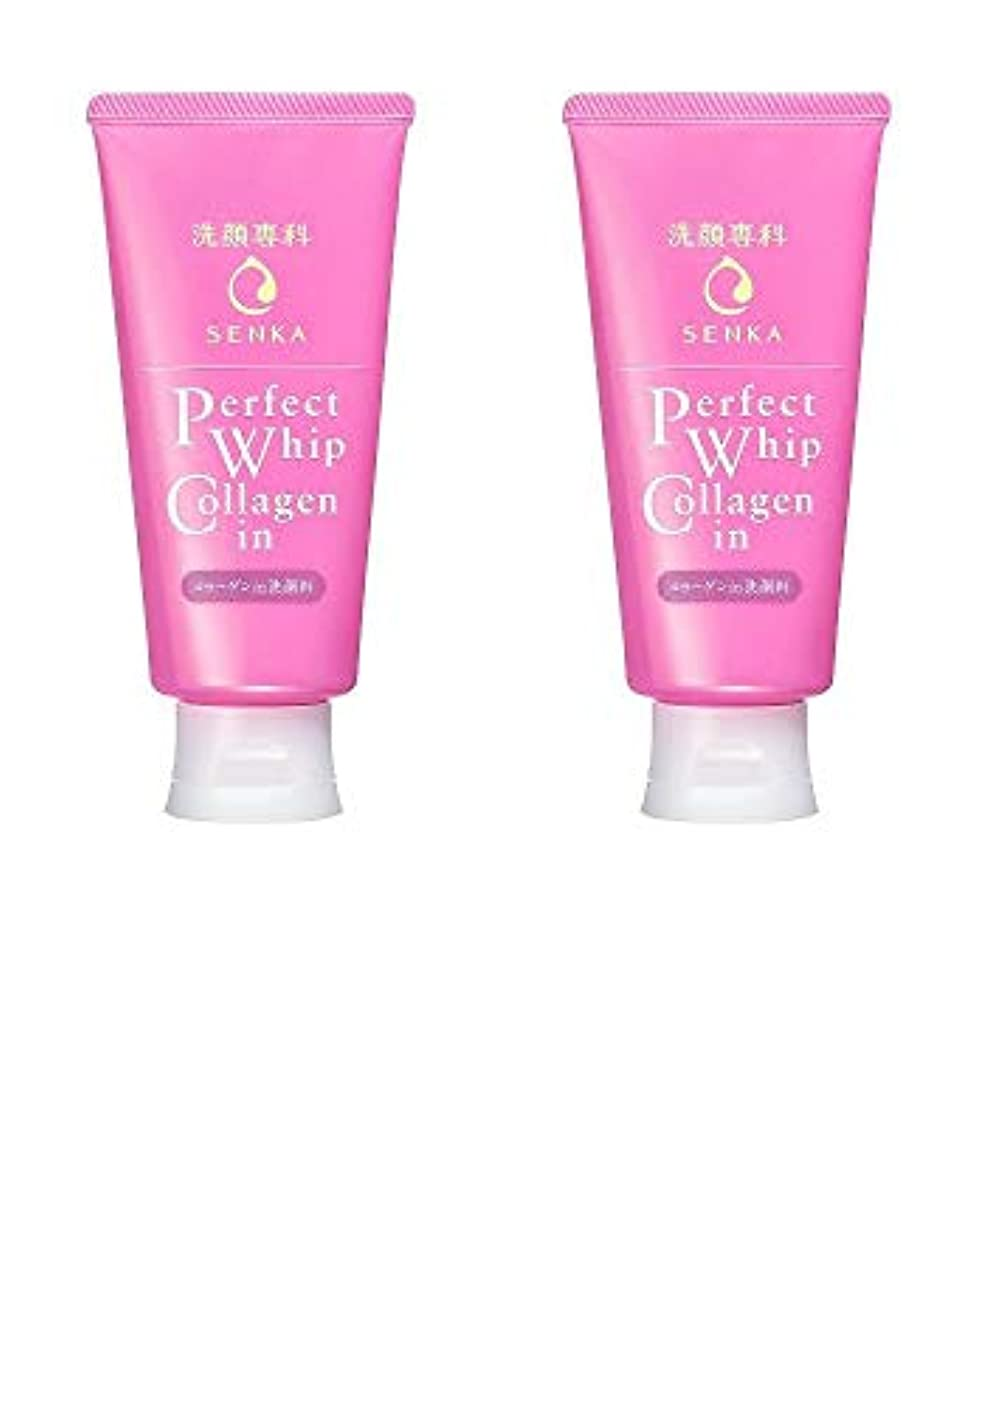 アンテナ内側を除く【2個まとめ買い】洗顔専科 パーフェクトホイップ コラーゲンin 120g